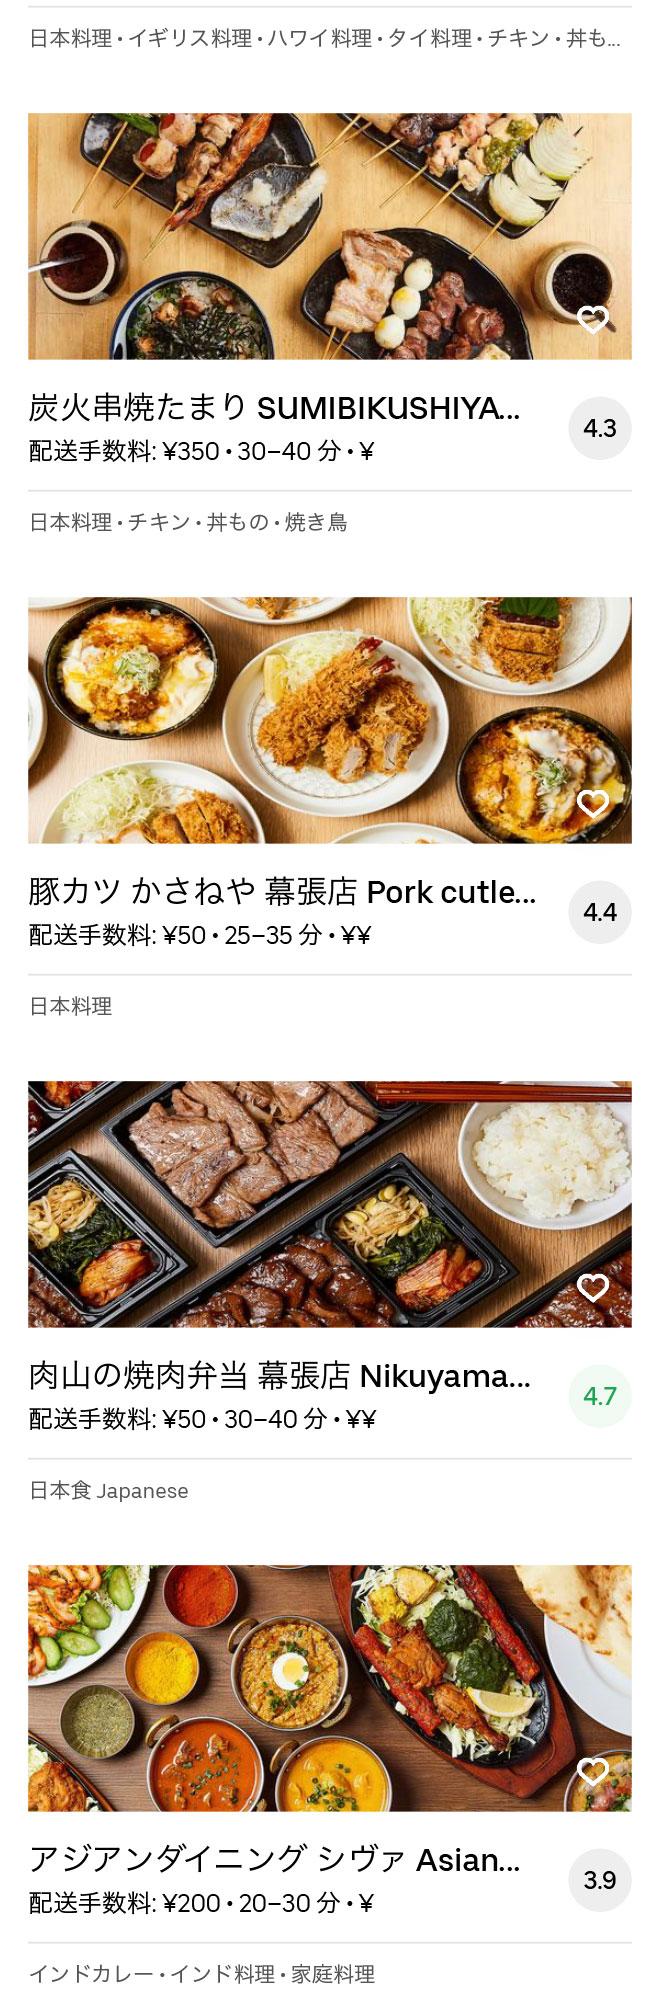 Narashino ookubo menu 2004 10